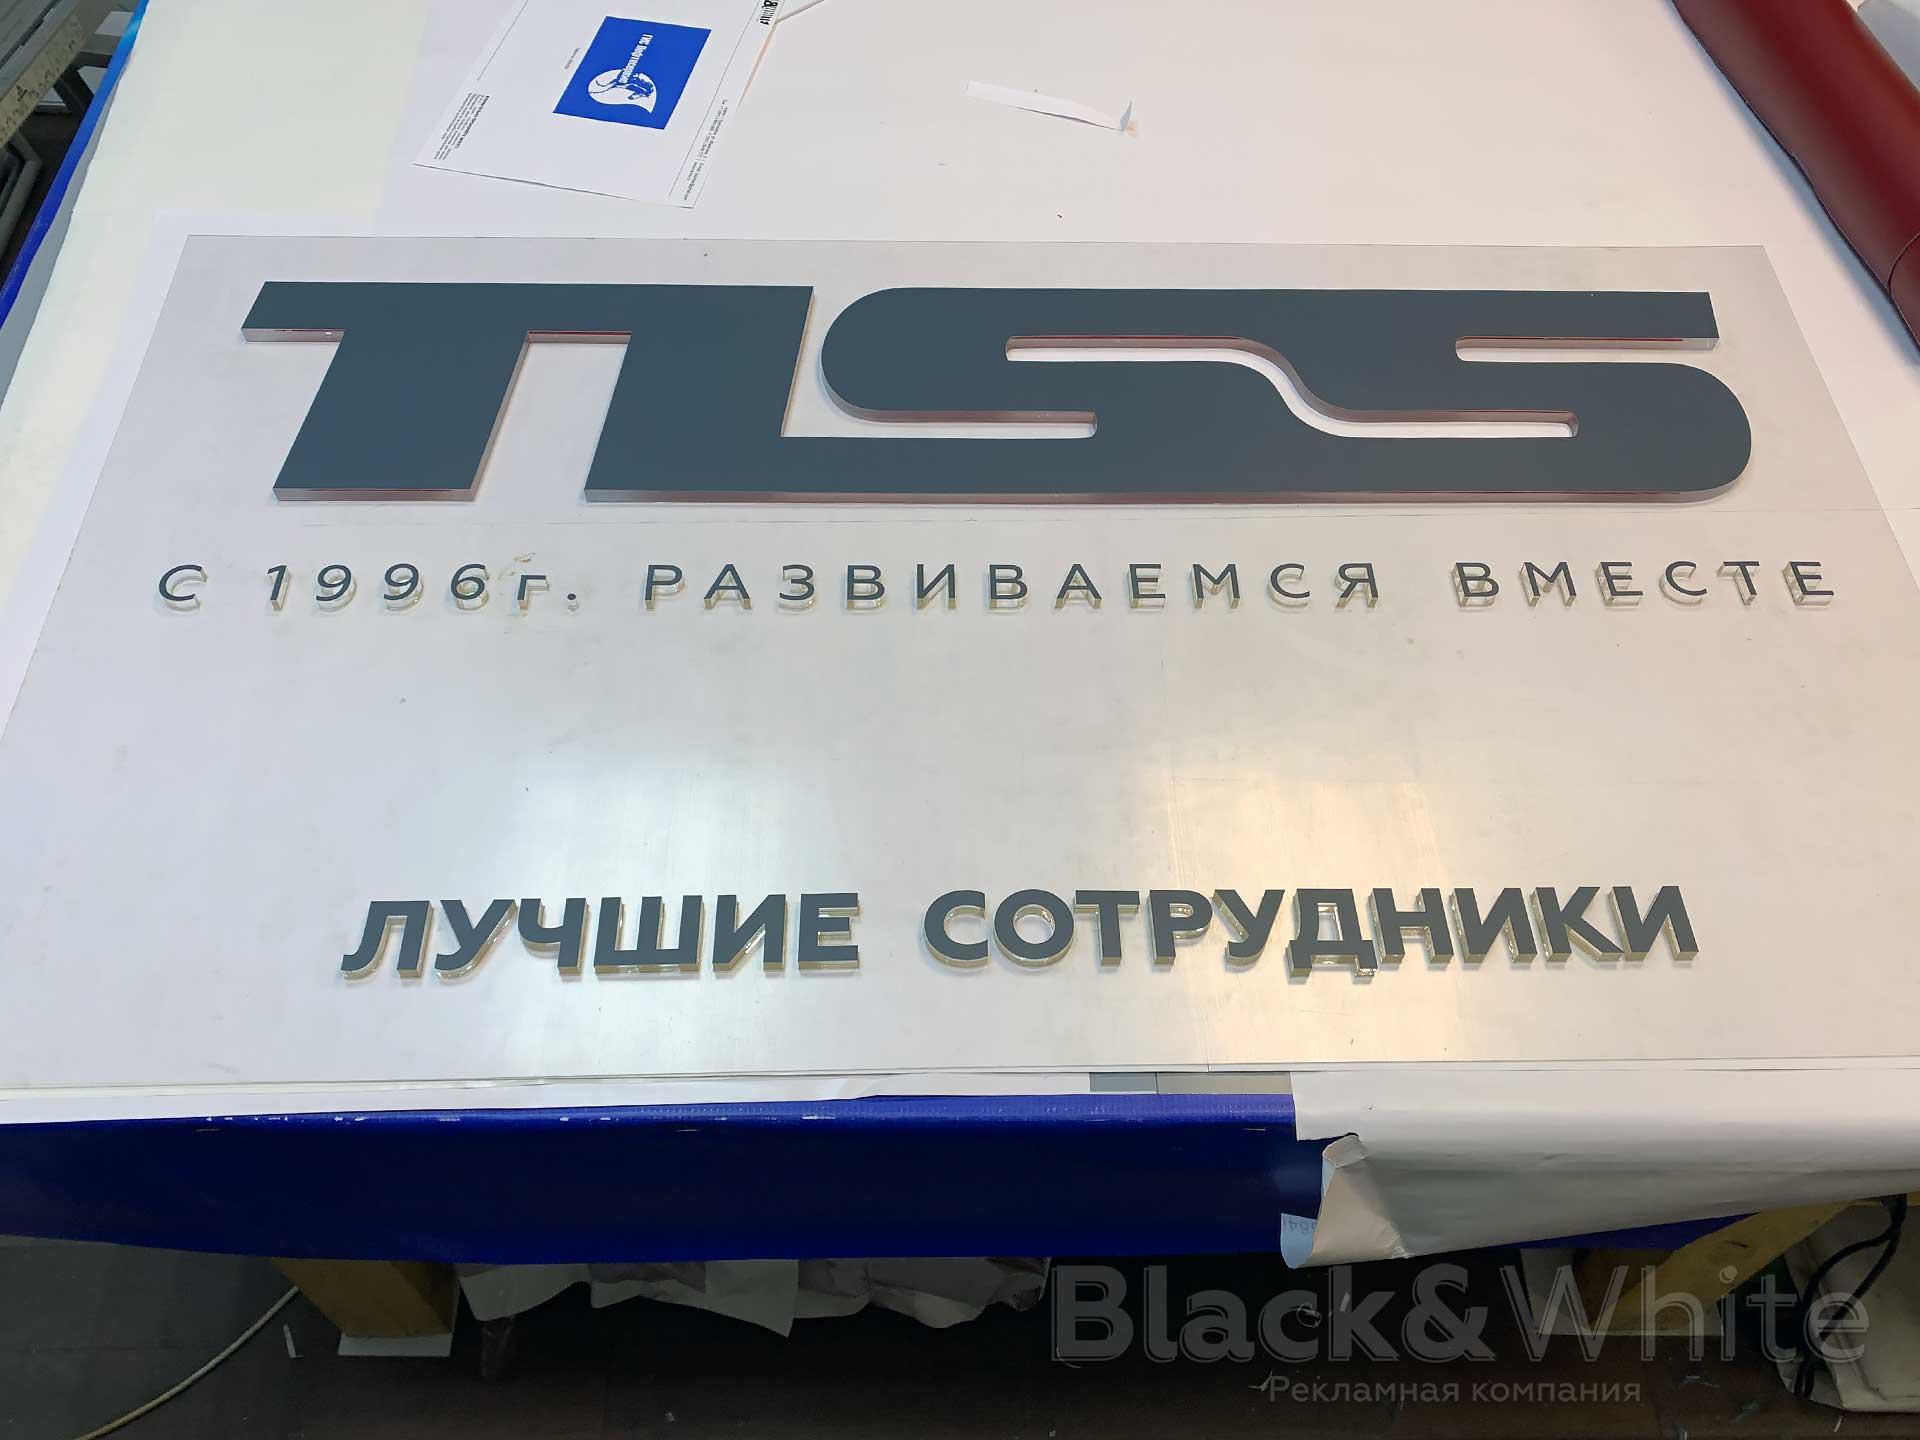 Плоские-псевдообъемные-буквы-из-оргстекла-акрила-в-красноярске-bw.....jpg